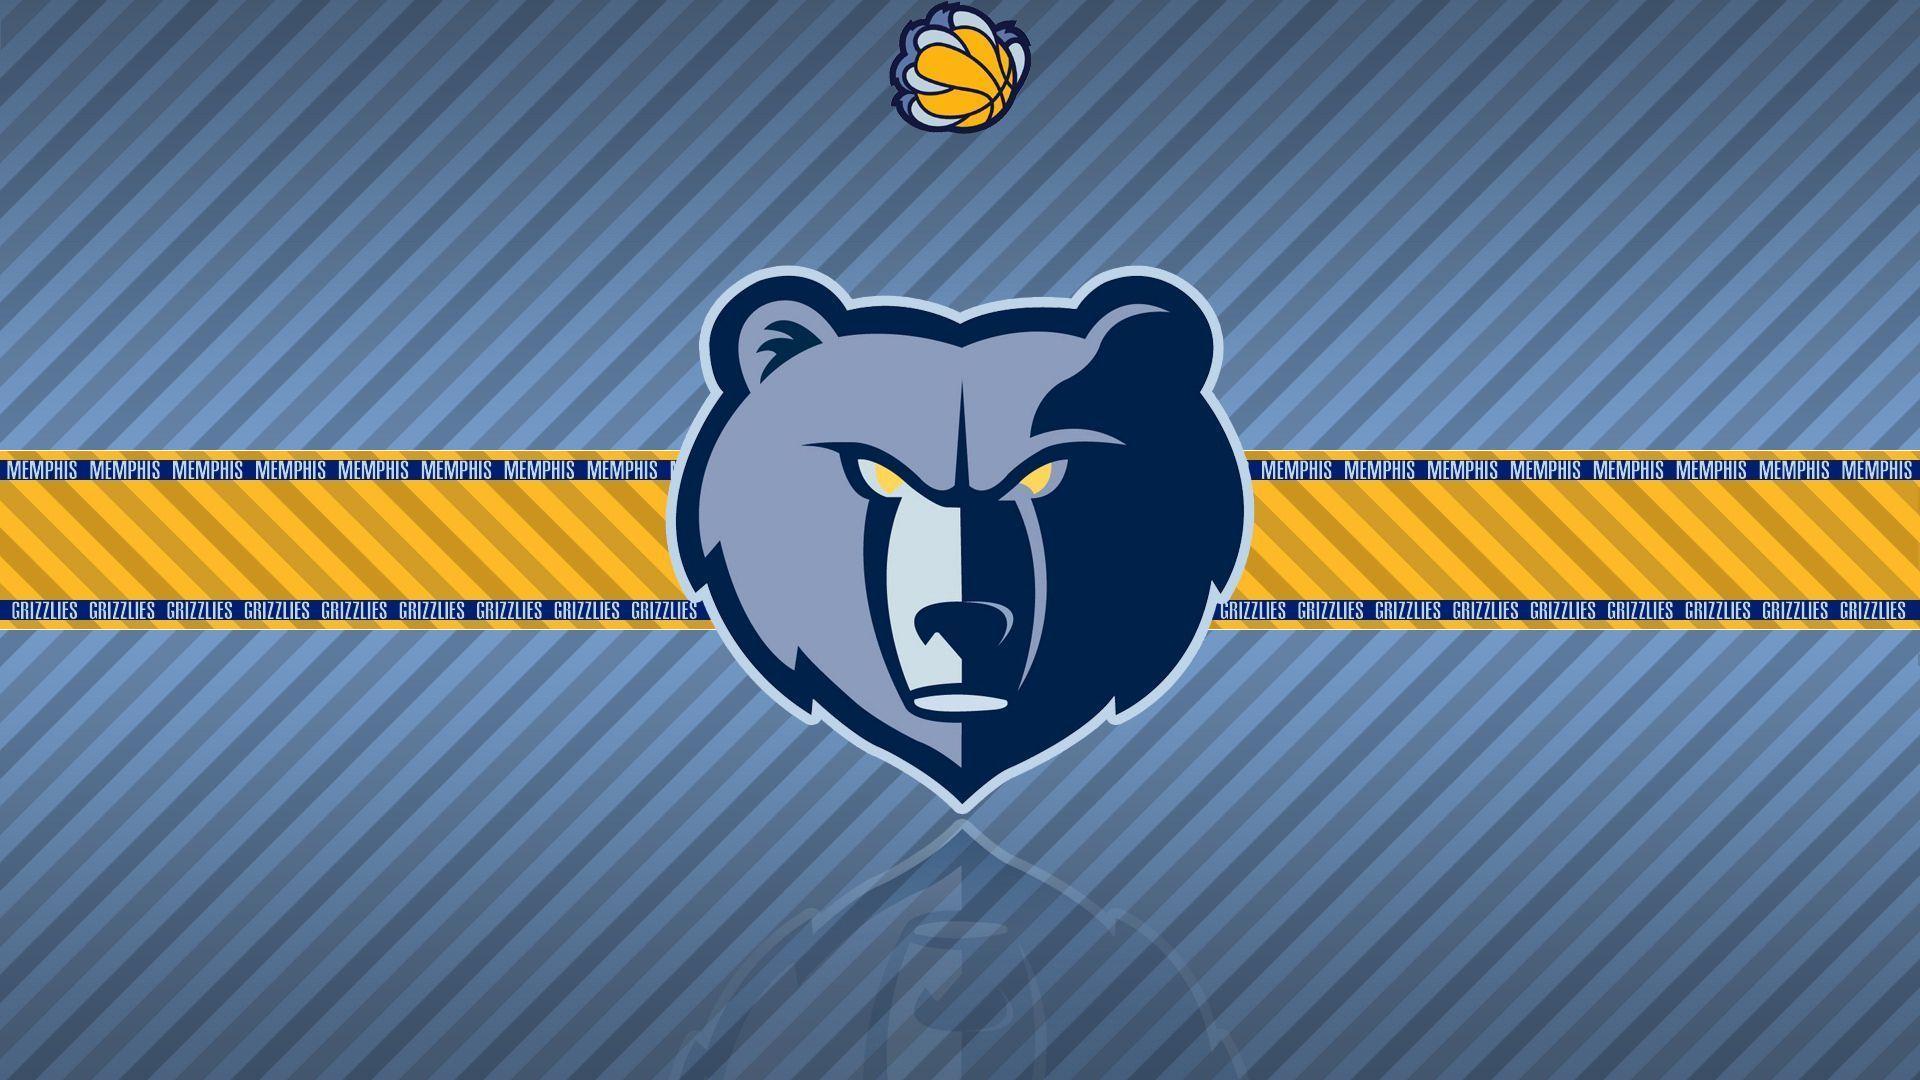 nba teams wallpaper hd download